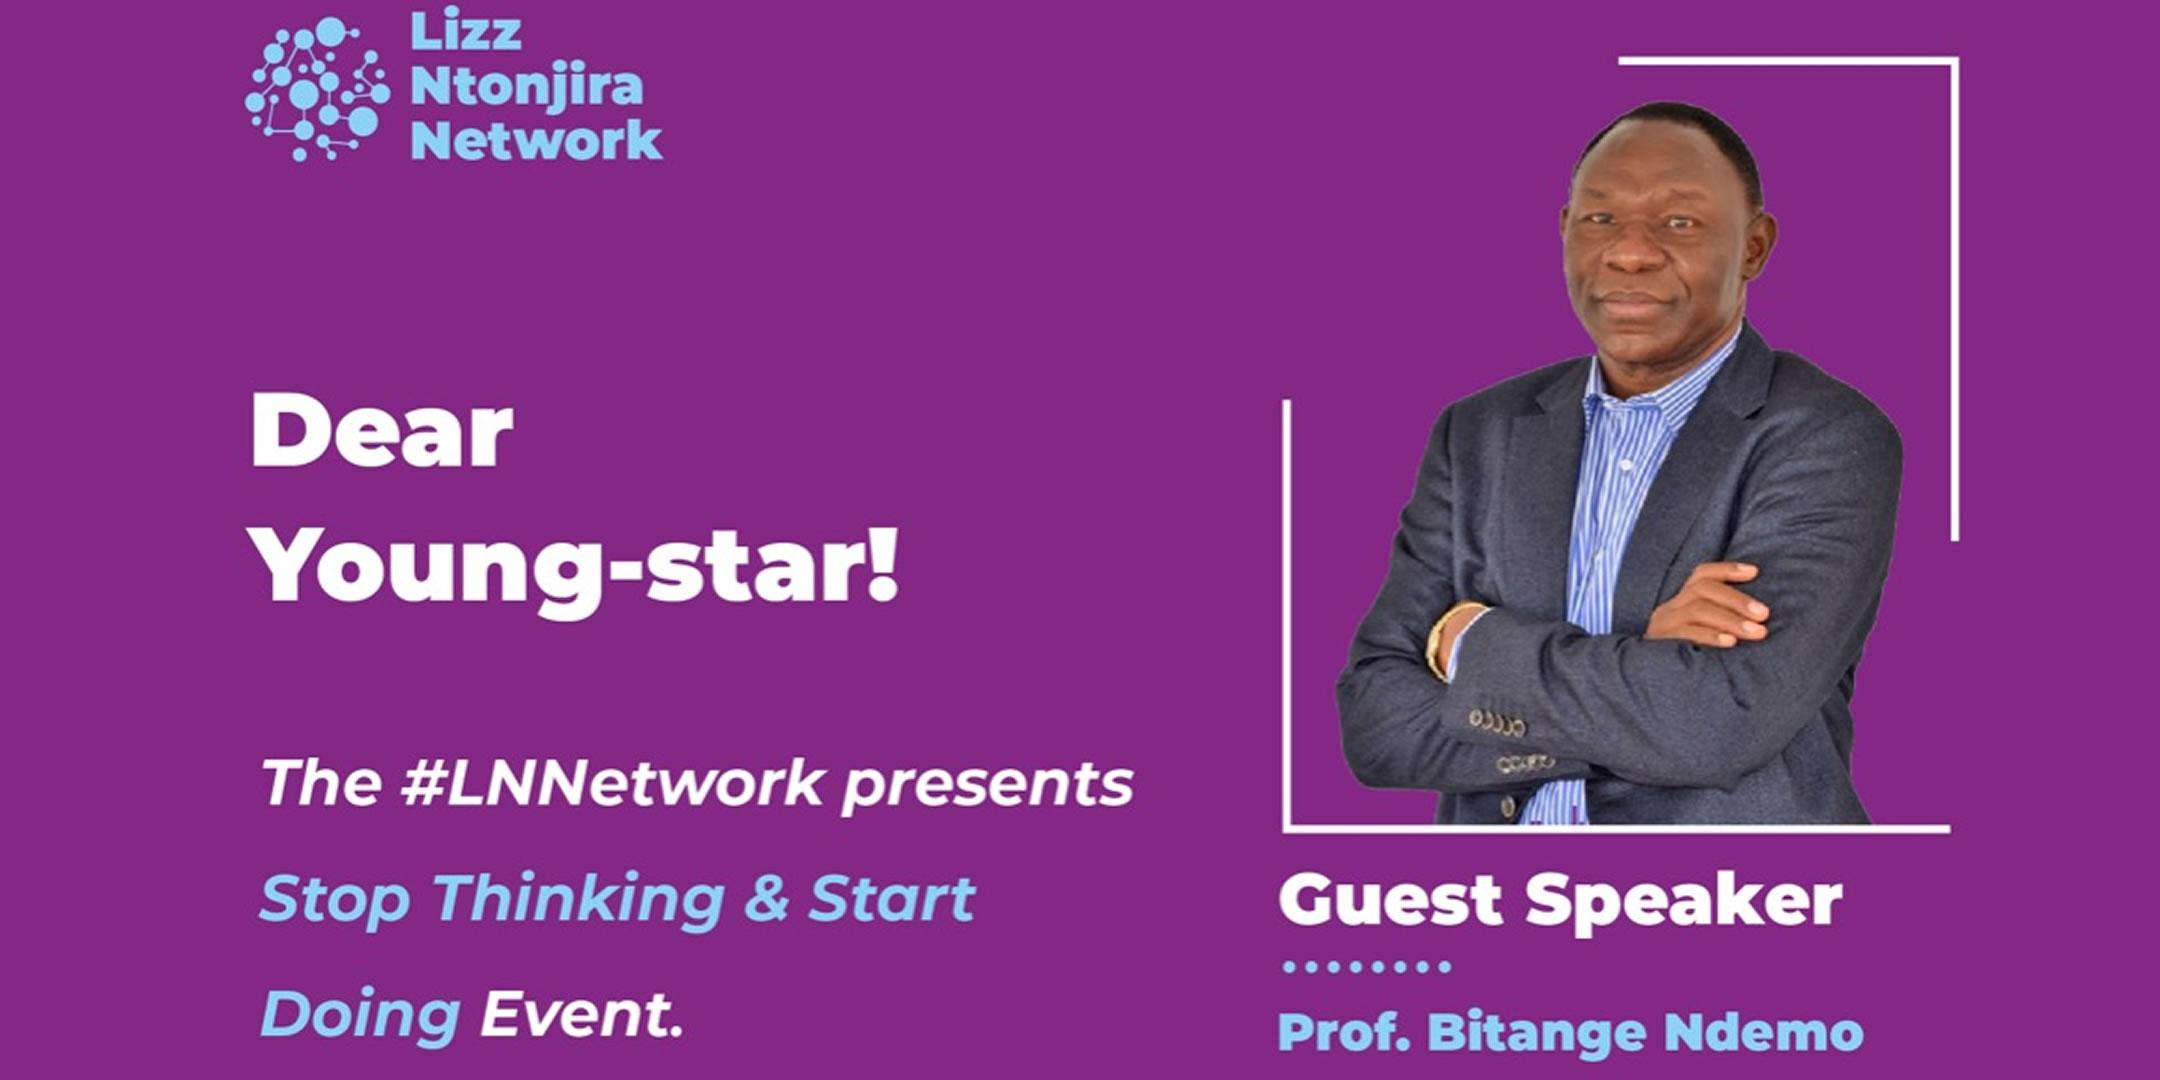 Lizz Ntonjira Network - Stop Thinking & Start Doing Event - Bitange Ndemo